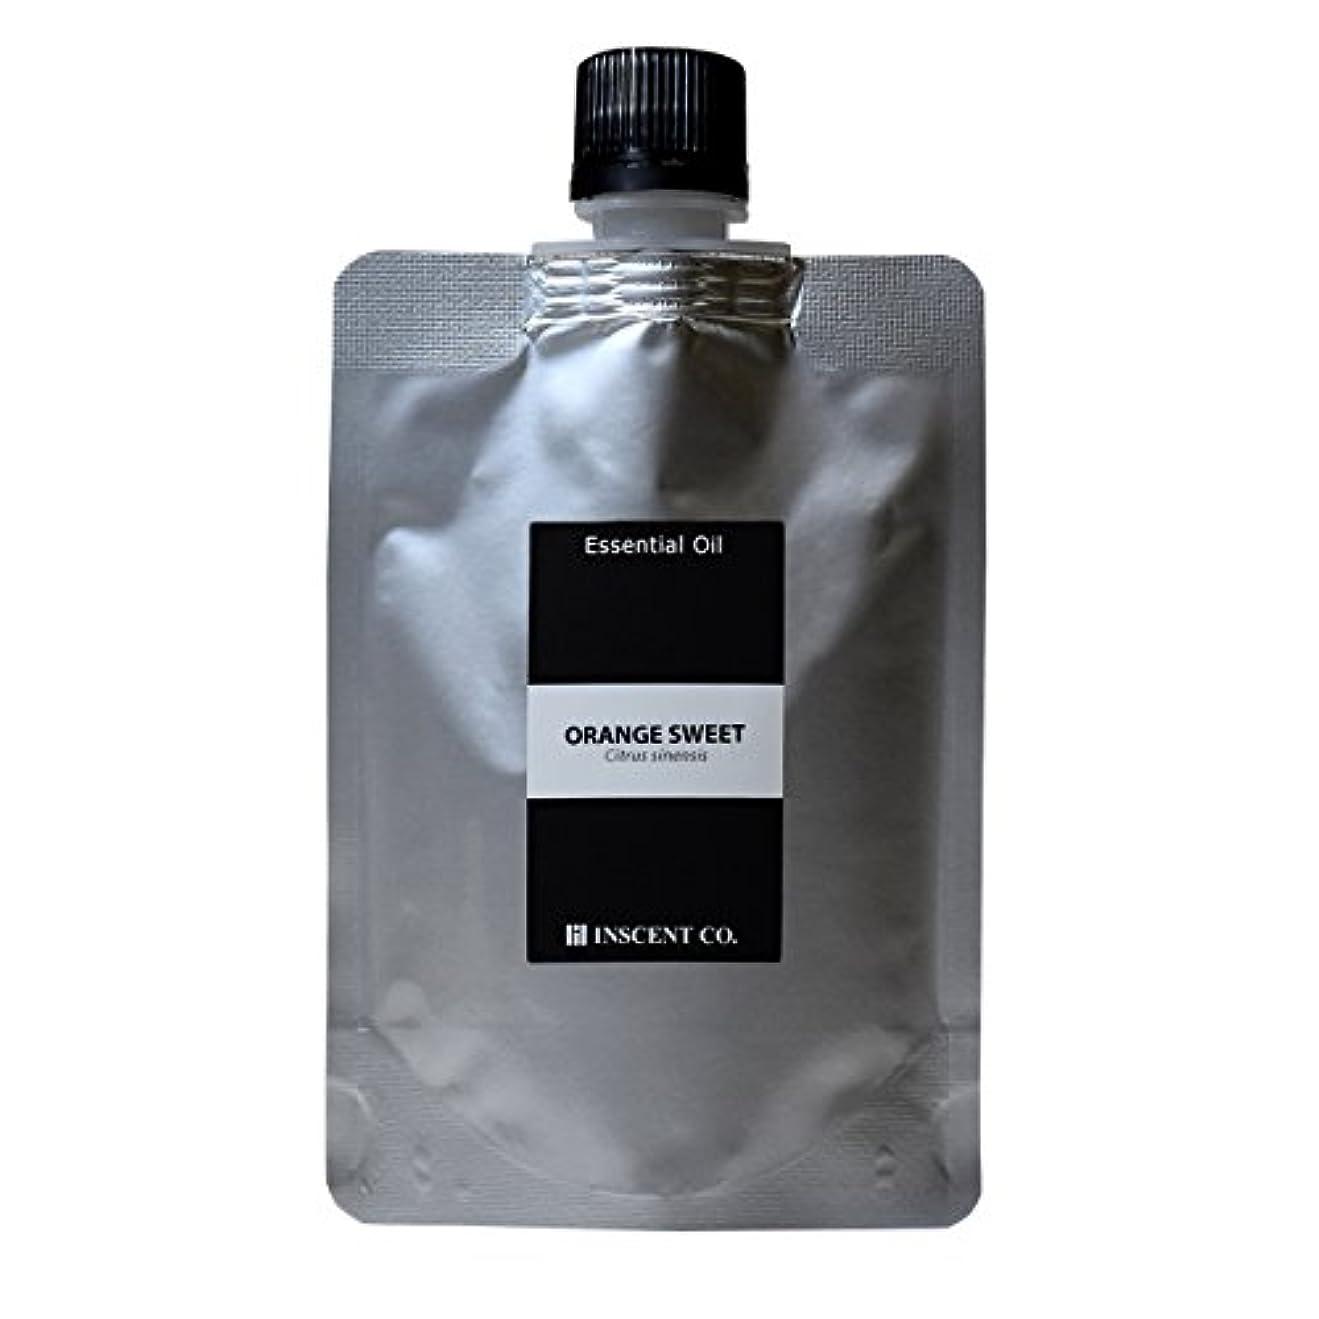 ポテト増加するスリット(詰替用 アルミパック) オレンジスイート 50ml インセント アロマオイル AEAJ 表示基準適合認定精油